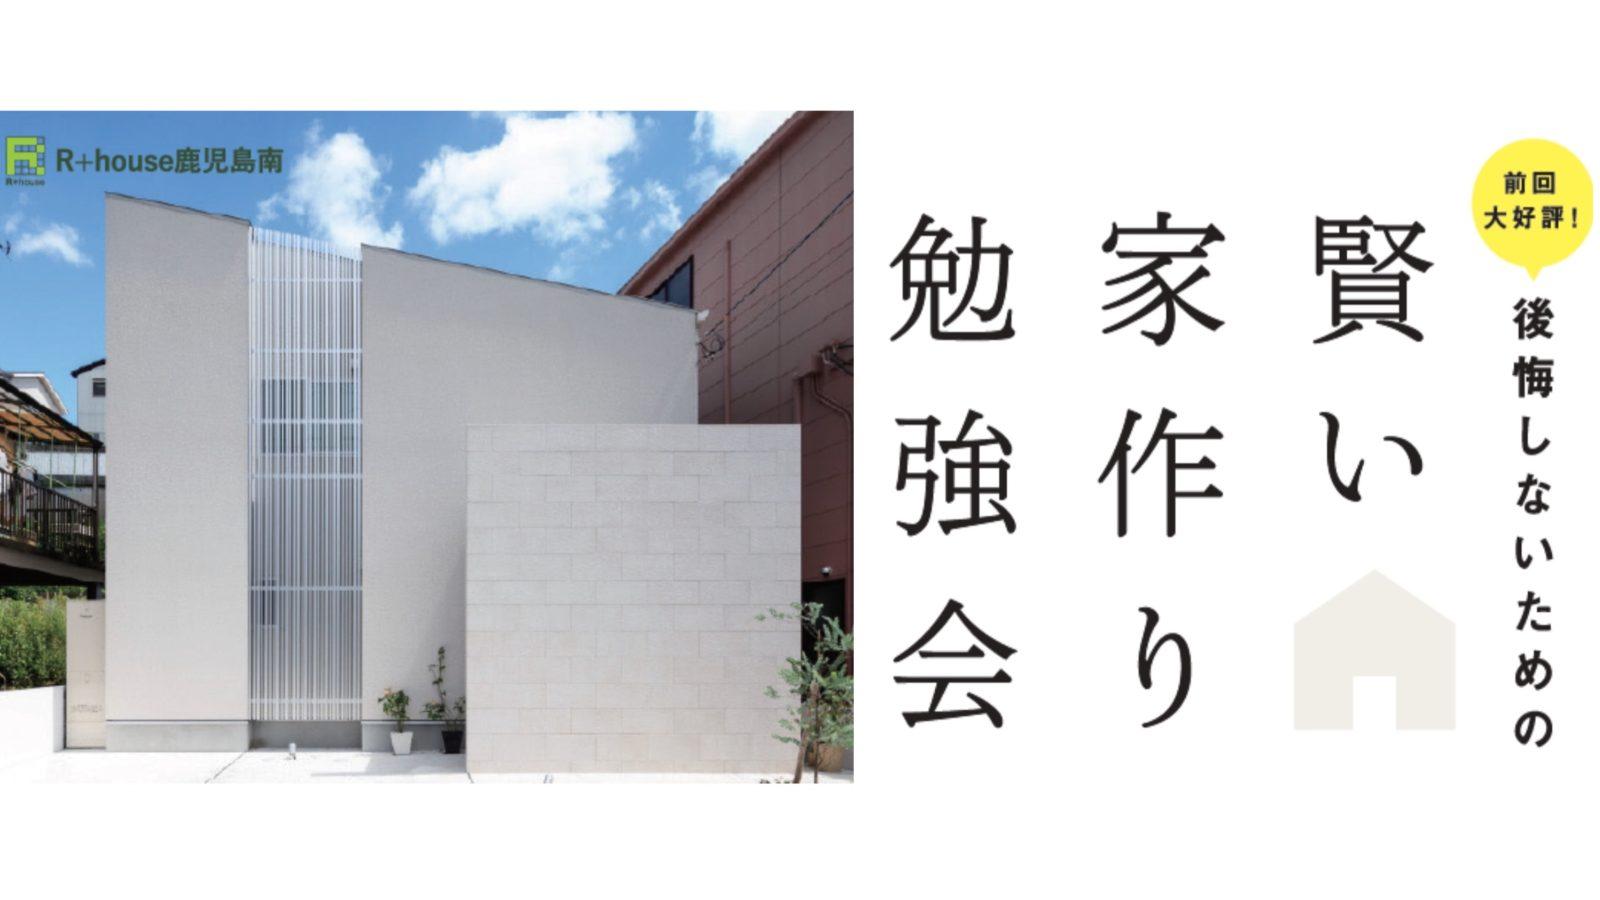 賢い家づくり勉強会 〜オンラインで開催〜 【鹿児島市】